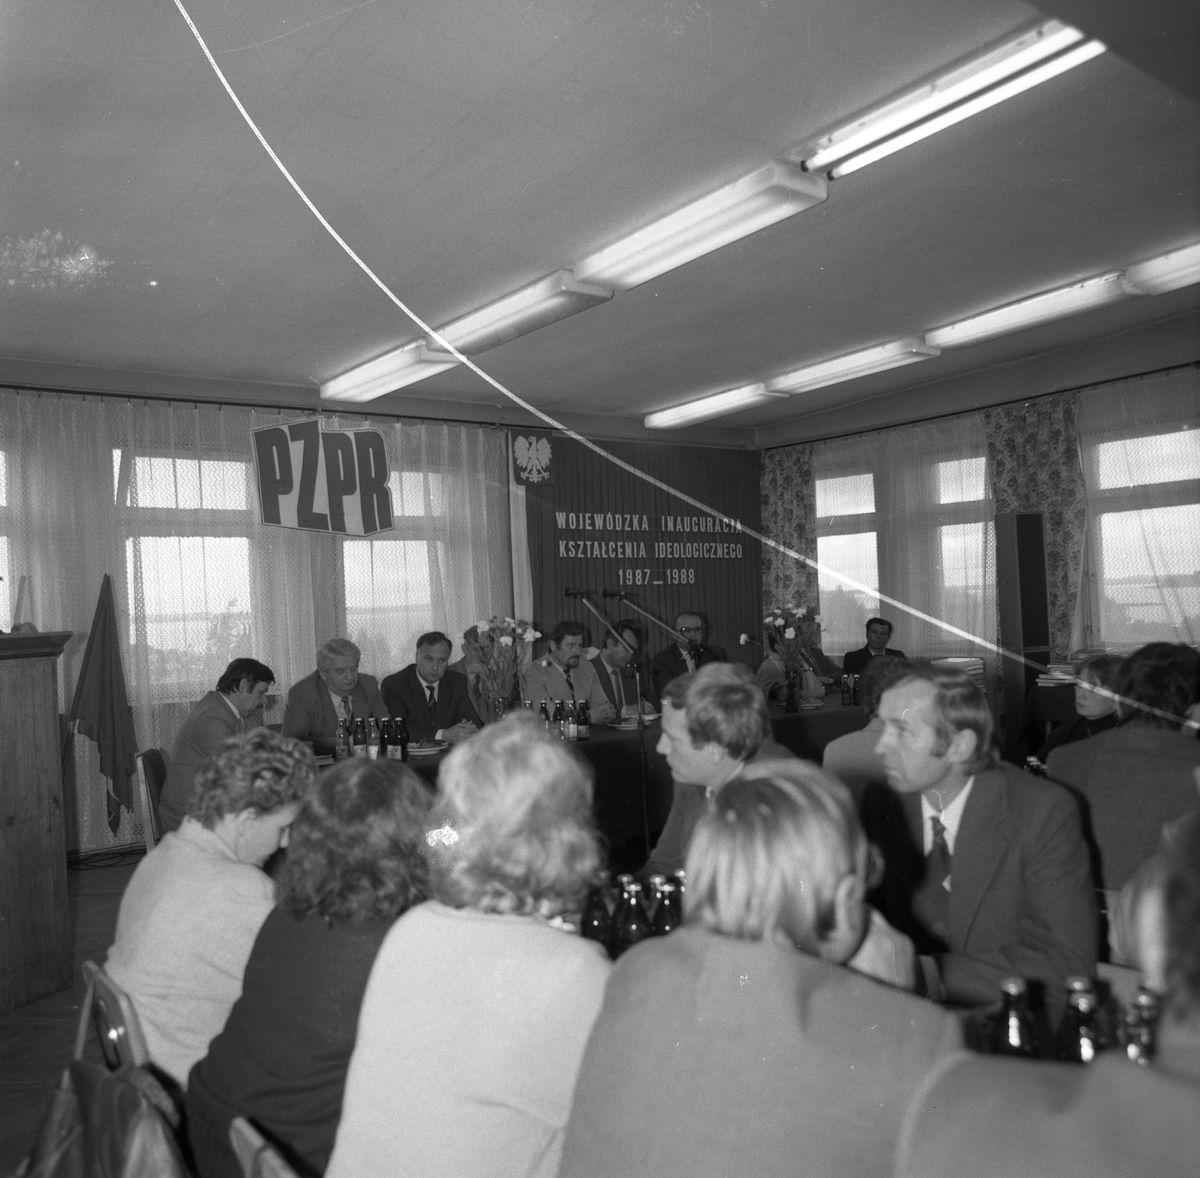 Wojewódzka Inauguracja Kształcenia Ideologicznego, 1987 r. [6]